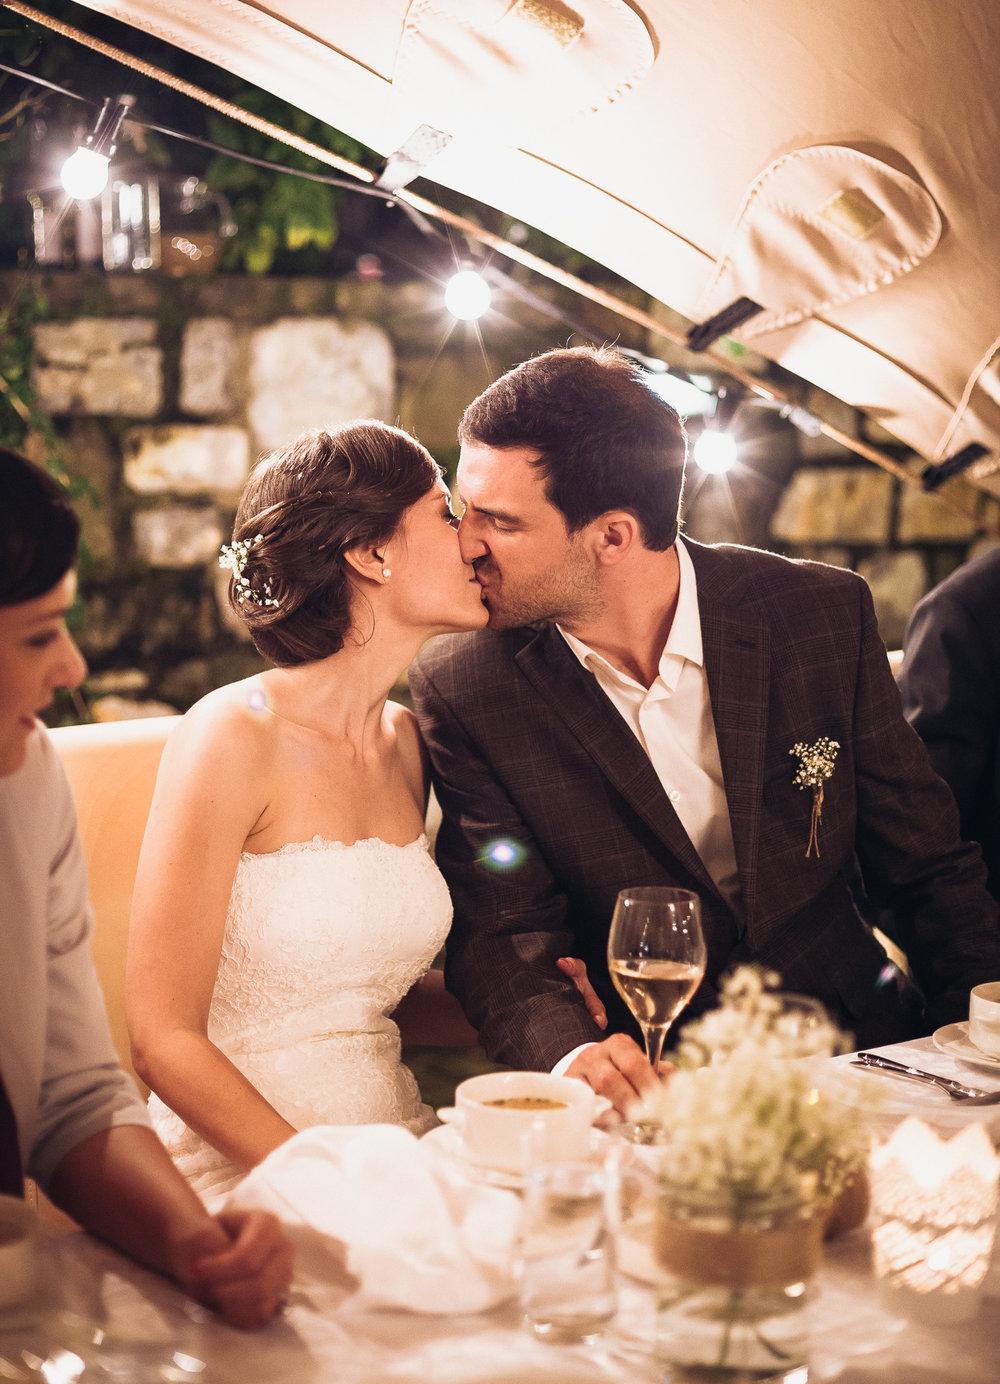 Kras poročni fotograf